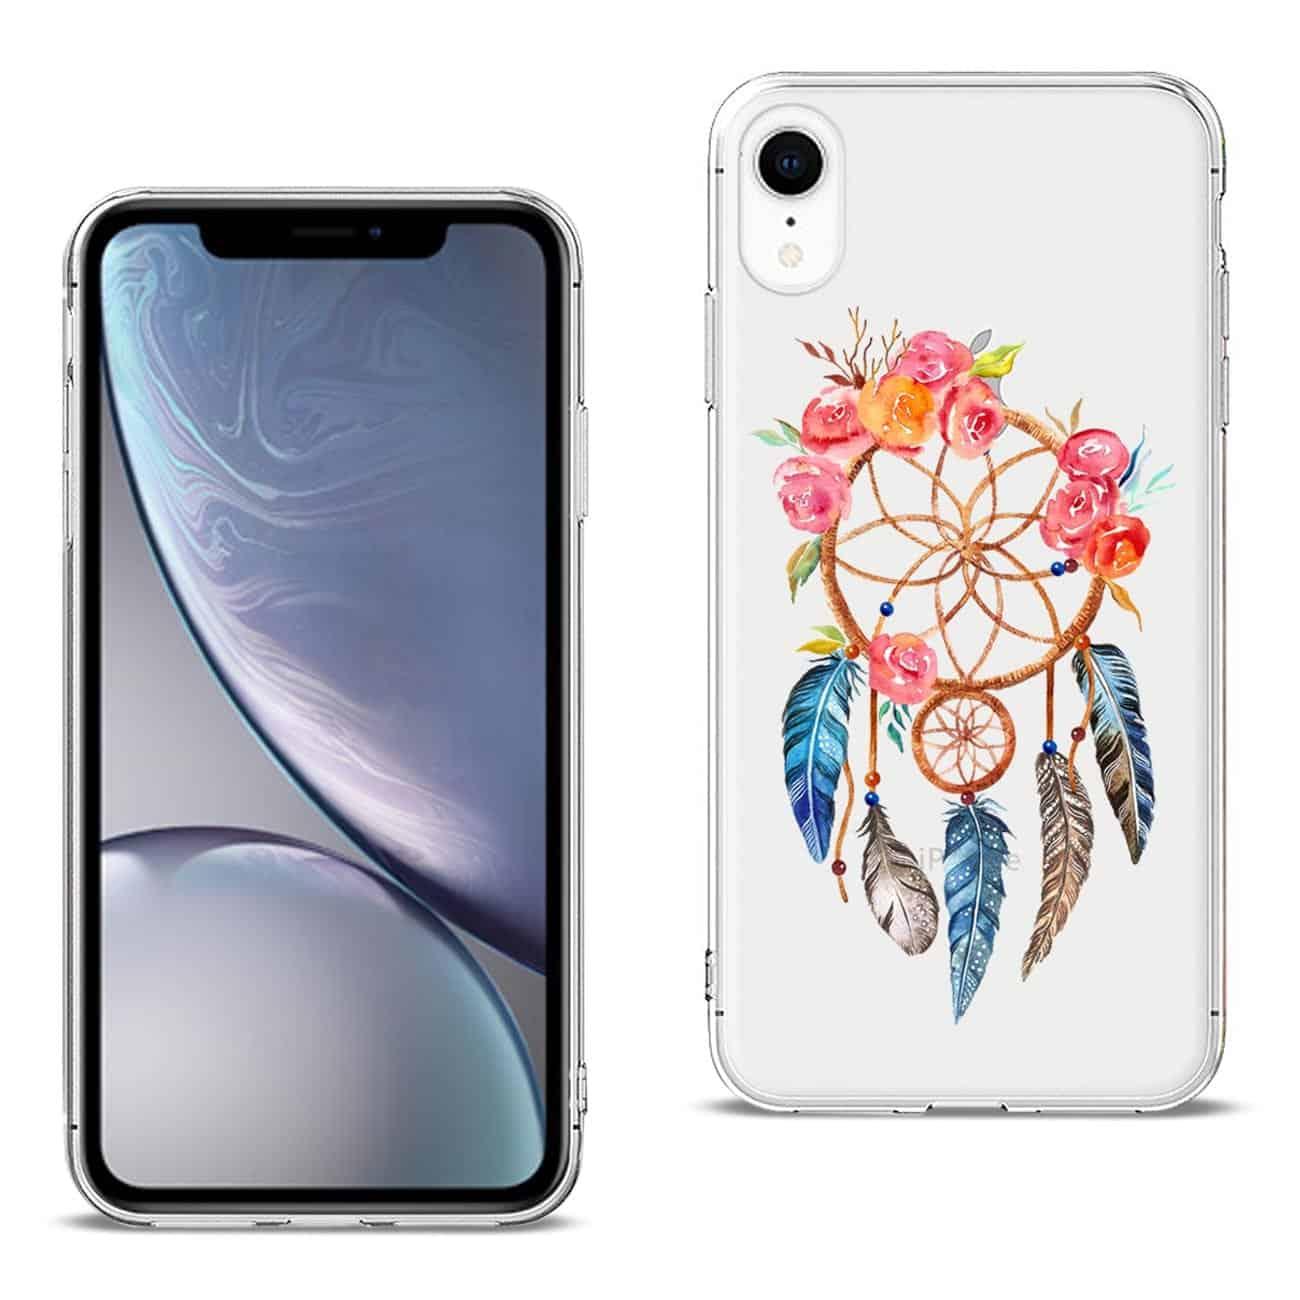 Apple iPhone XR Design Air Cushion Case